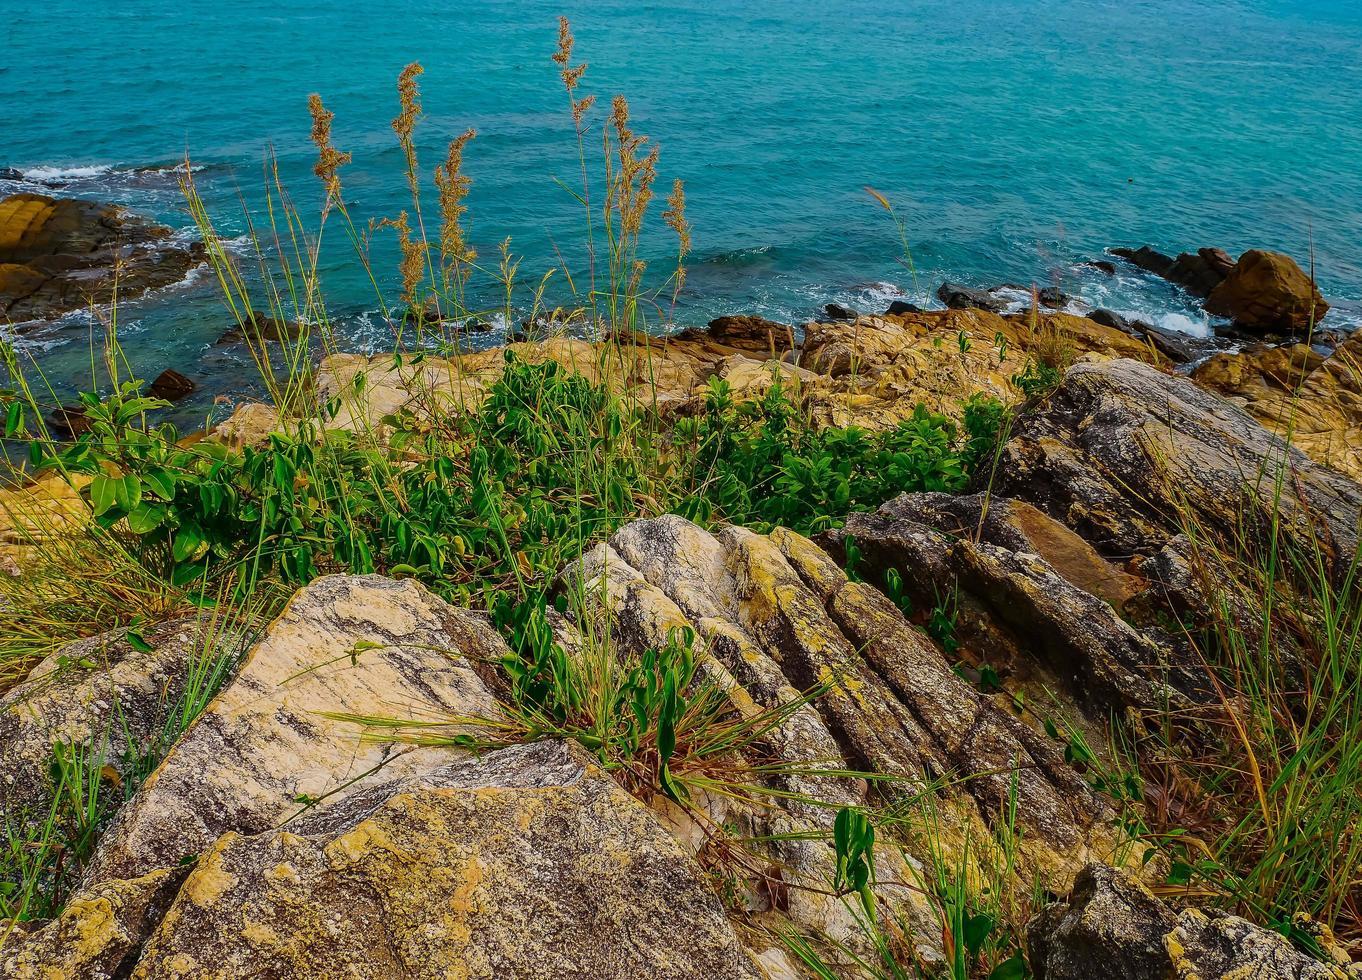 gräs på klippor bredvid havet foto